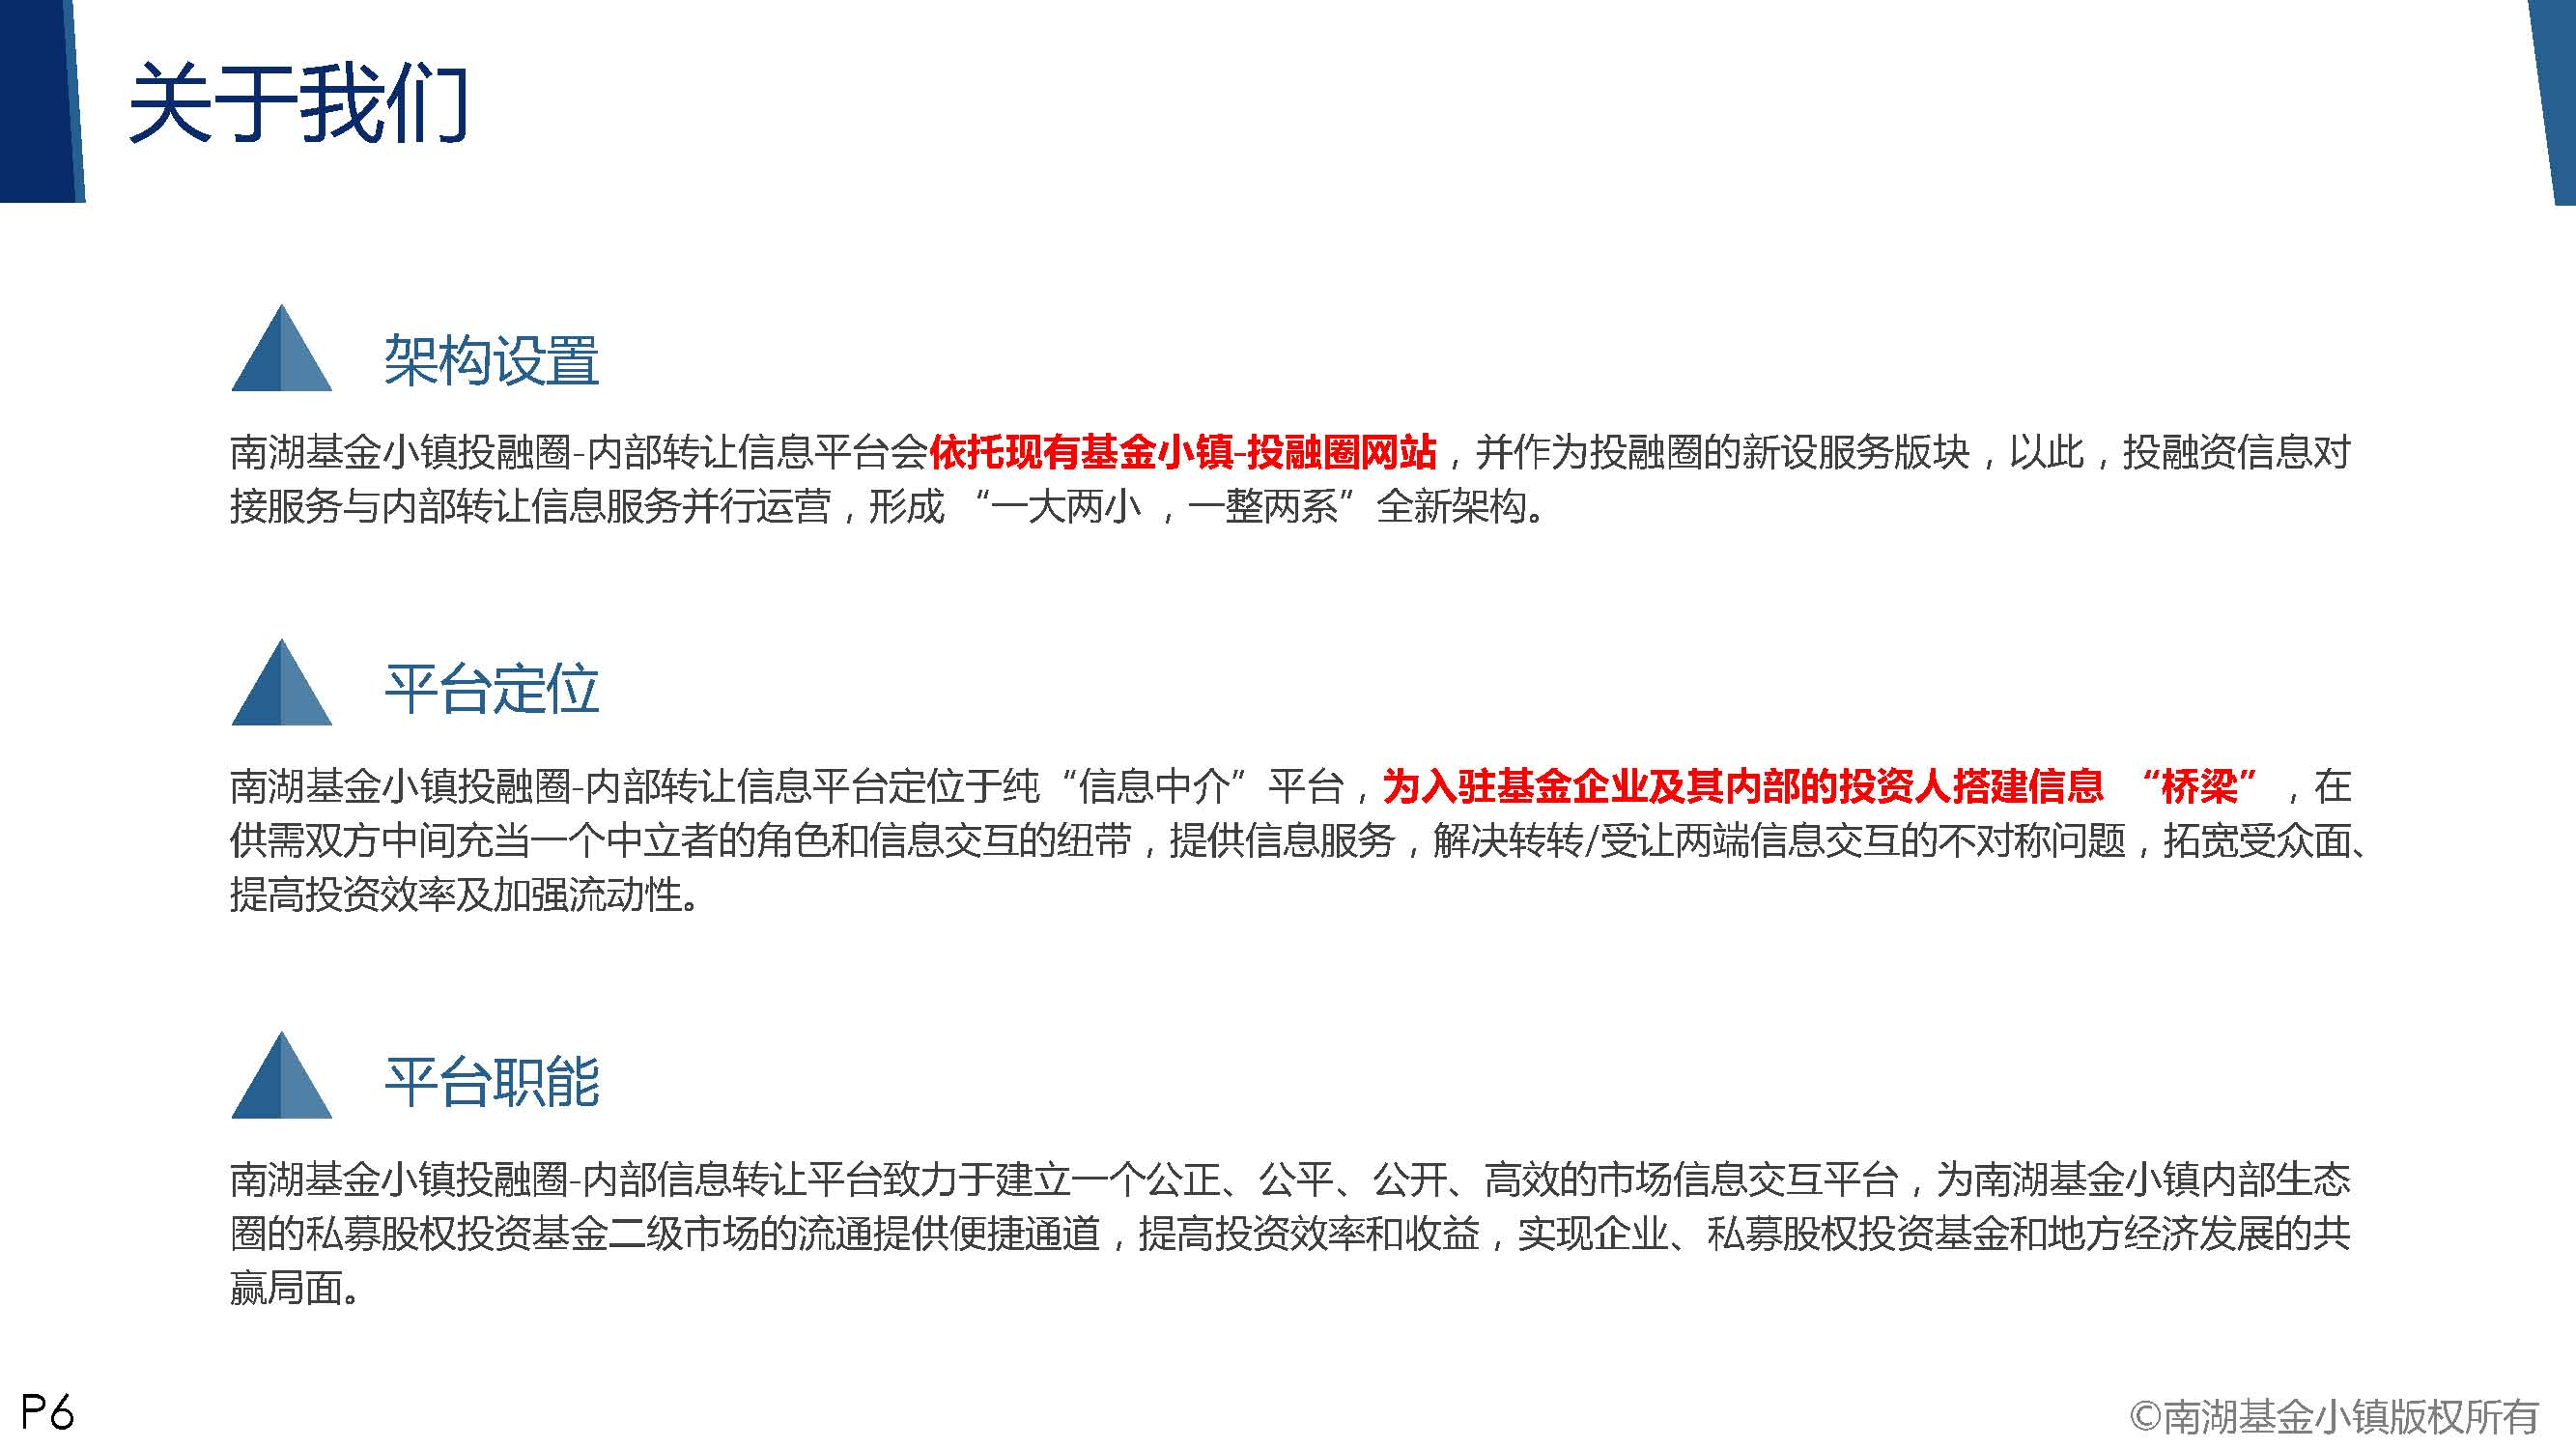 南湖基金小镇投融圈-内部转让信息对接服务平台介绍(6月26日修改稿)_页面_06.jpg